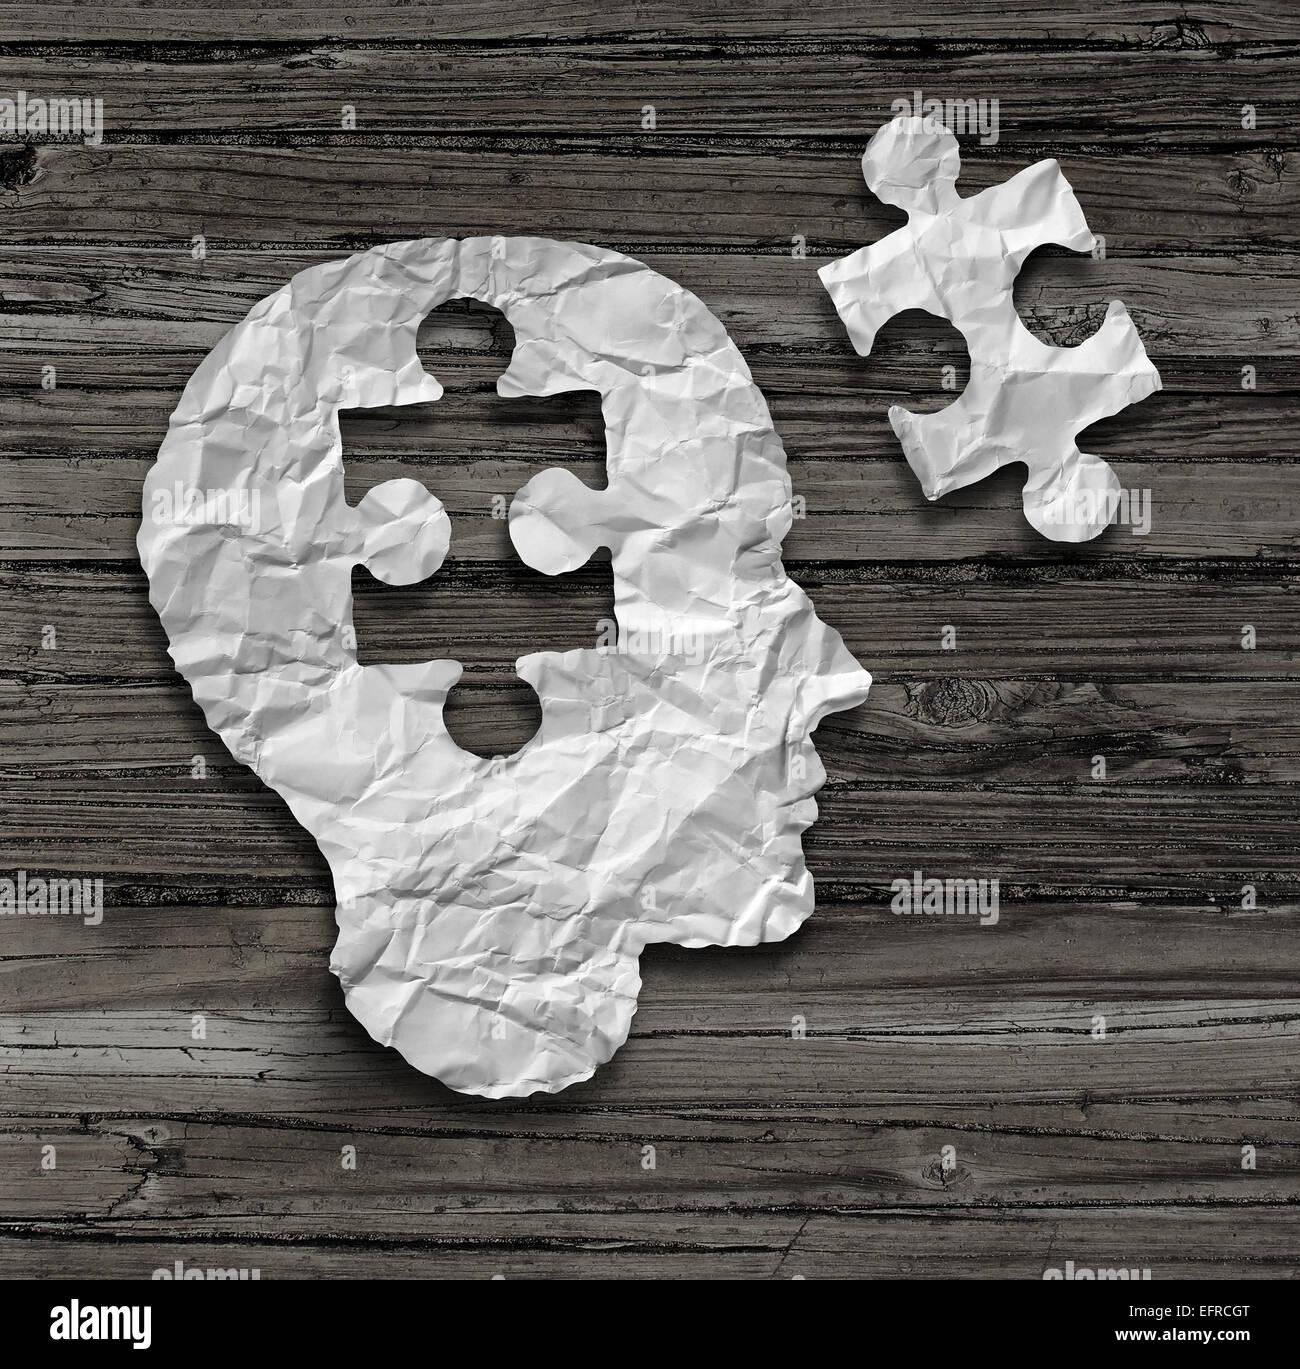 Cerveau tête Puzzle concept comme un visage humain profil réalisés à partir de papier blanc Photo Stock